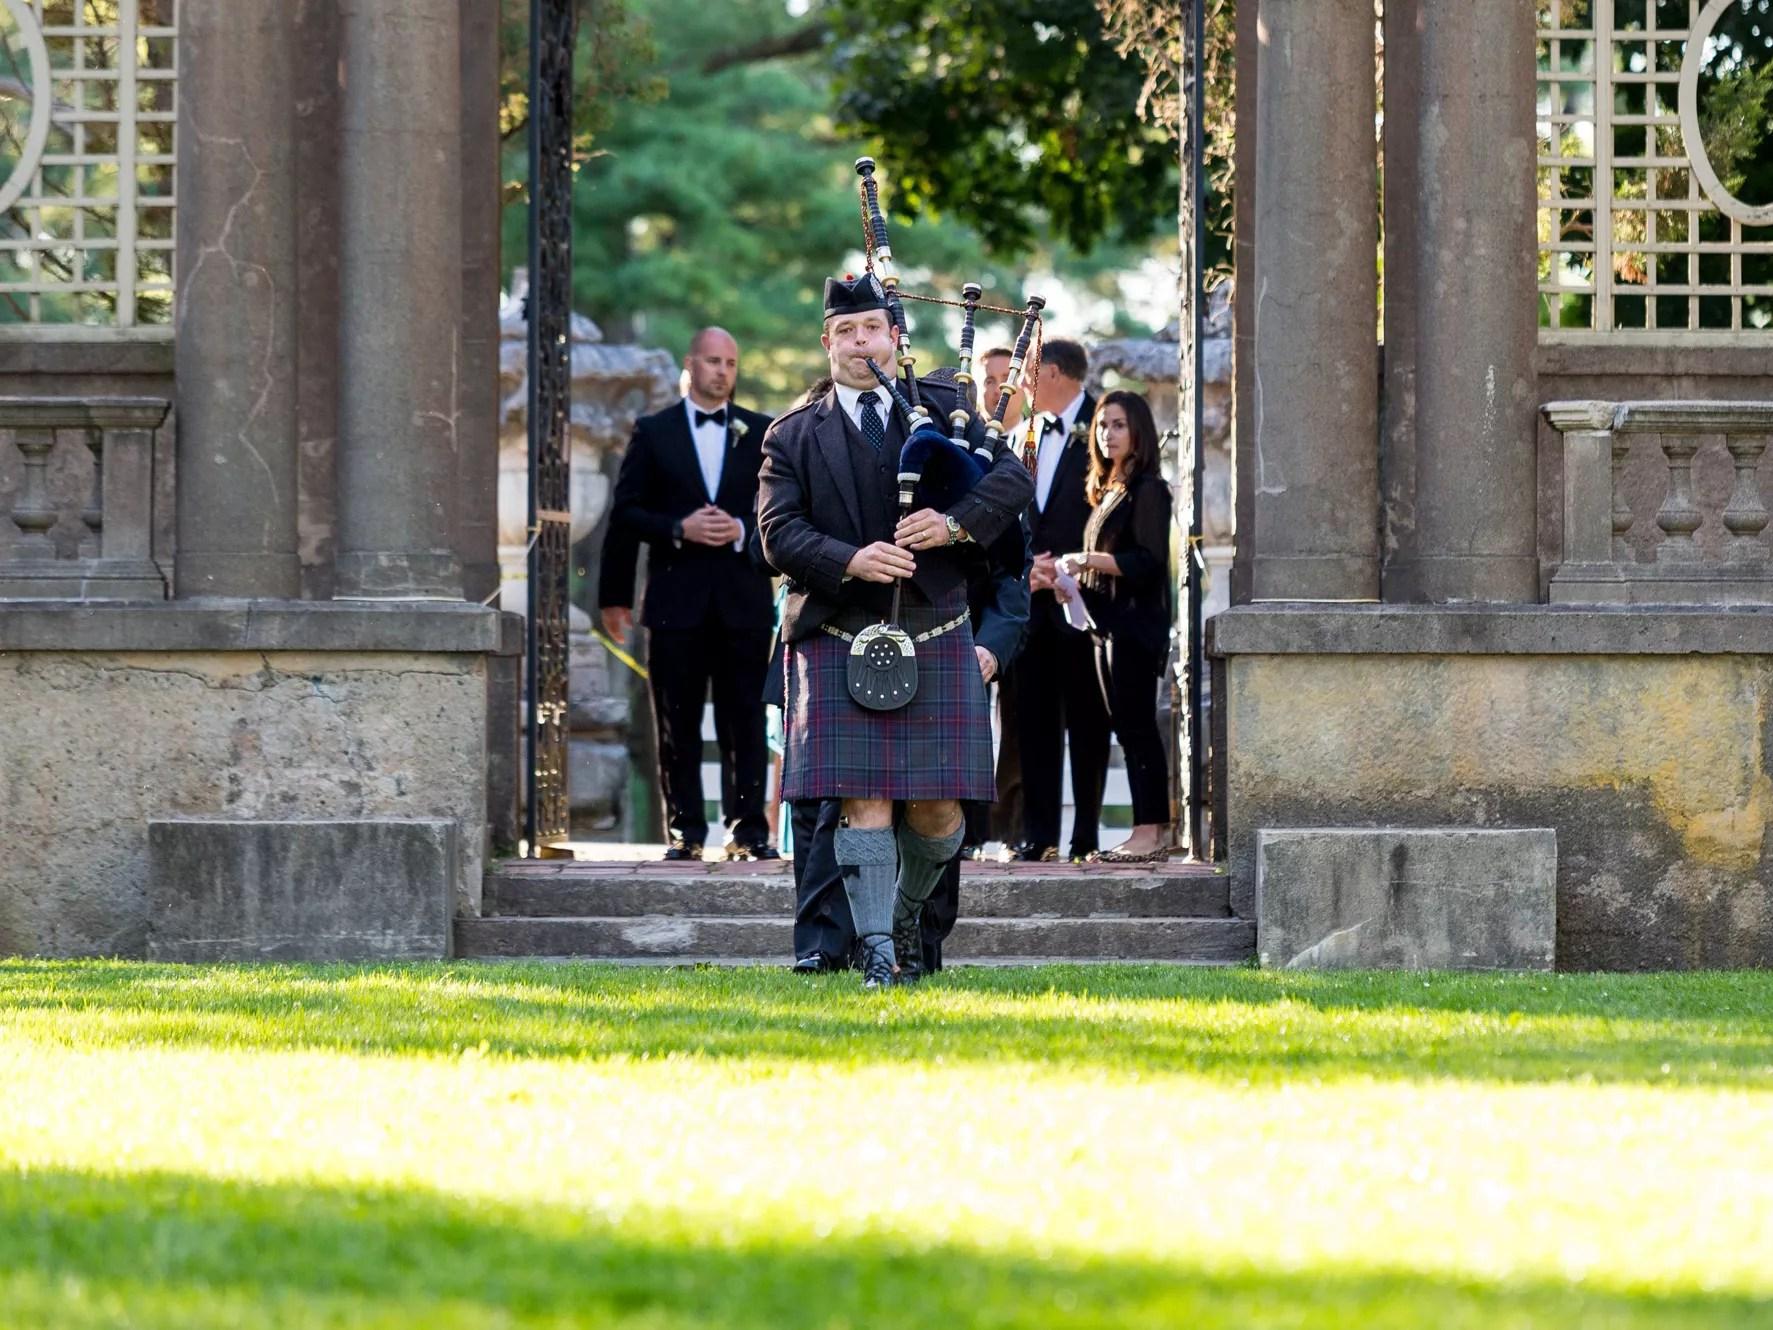 Irish Wedding Traditions  Customs